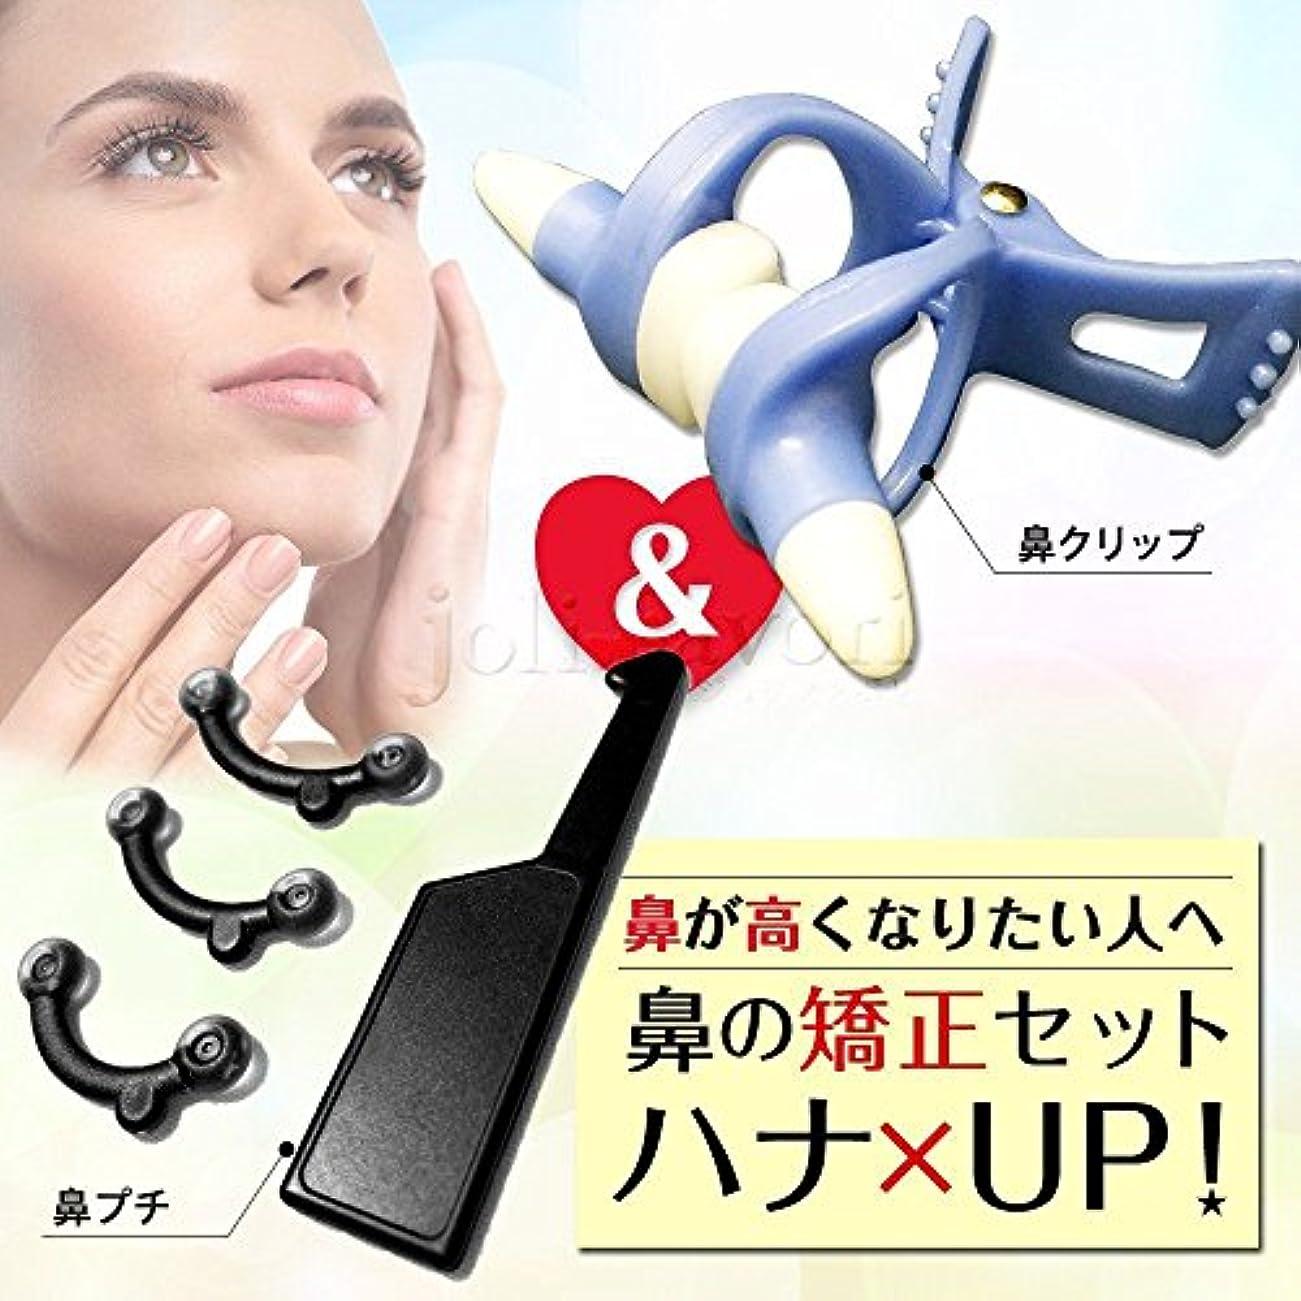 句読点ずんぐりした有利【jolifavori】鼻プチ&ノーズアップ 着けるだけ簡単!鼻メイク矯正セット